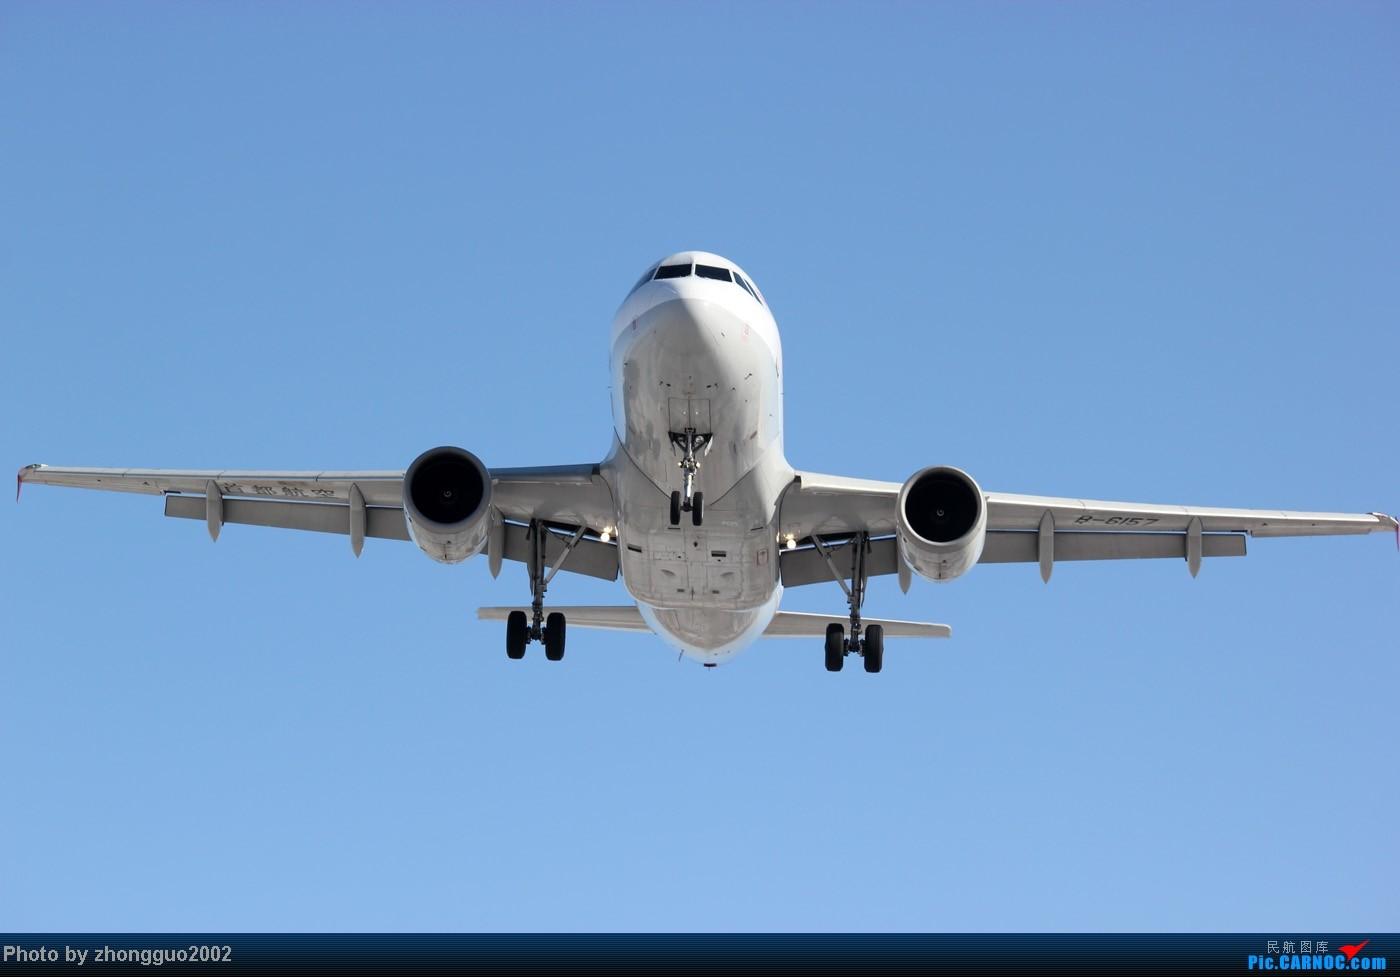 Re:[原创]灰鼻子的春哥第一次拍到,还有其他灰机。 AIRBUS A319-100 B-6157 中国呼和浩特白塔国际机场